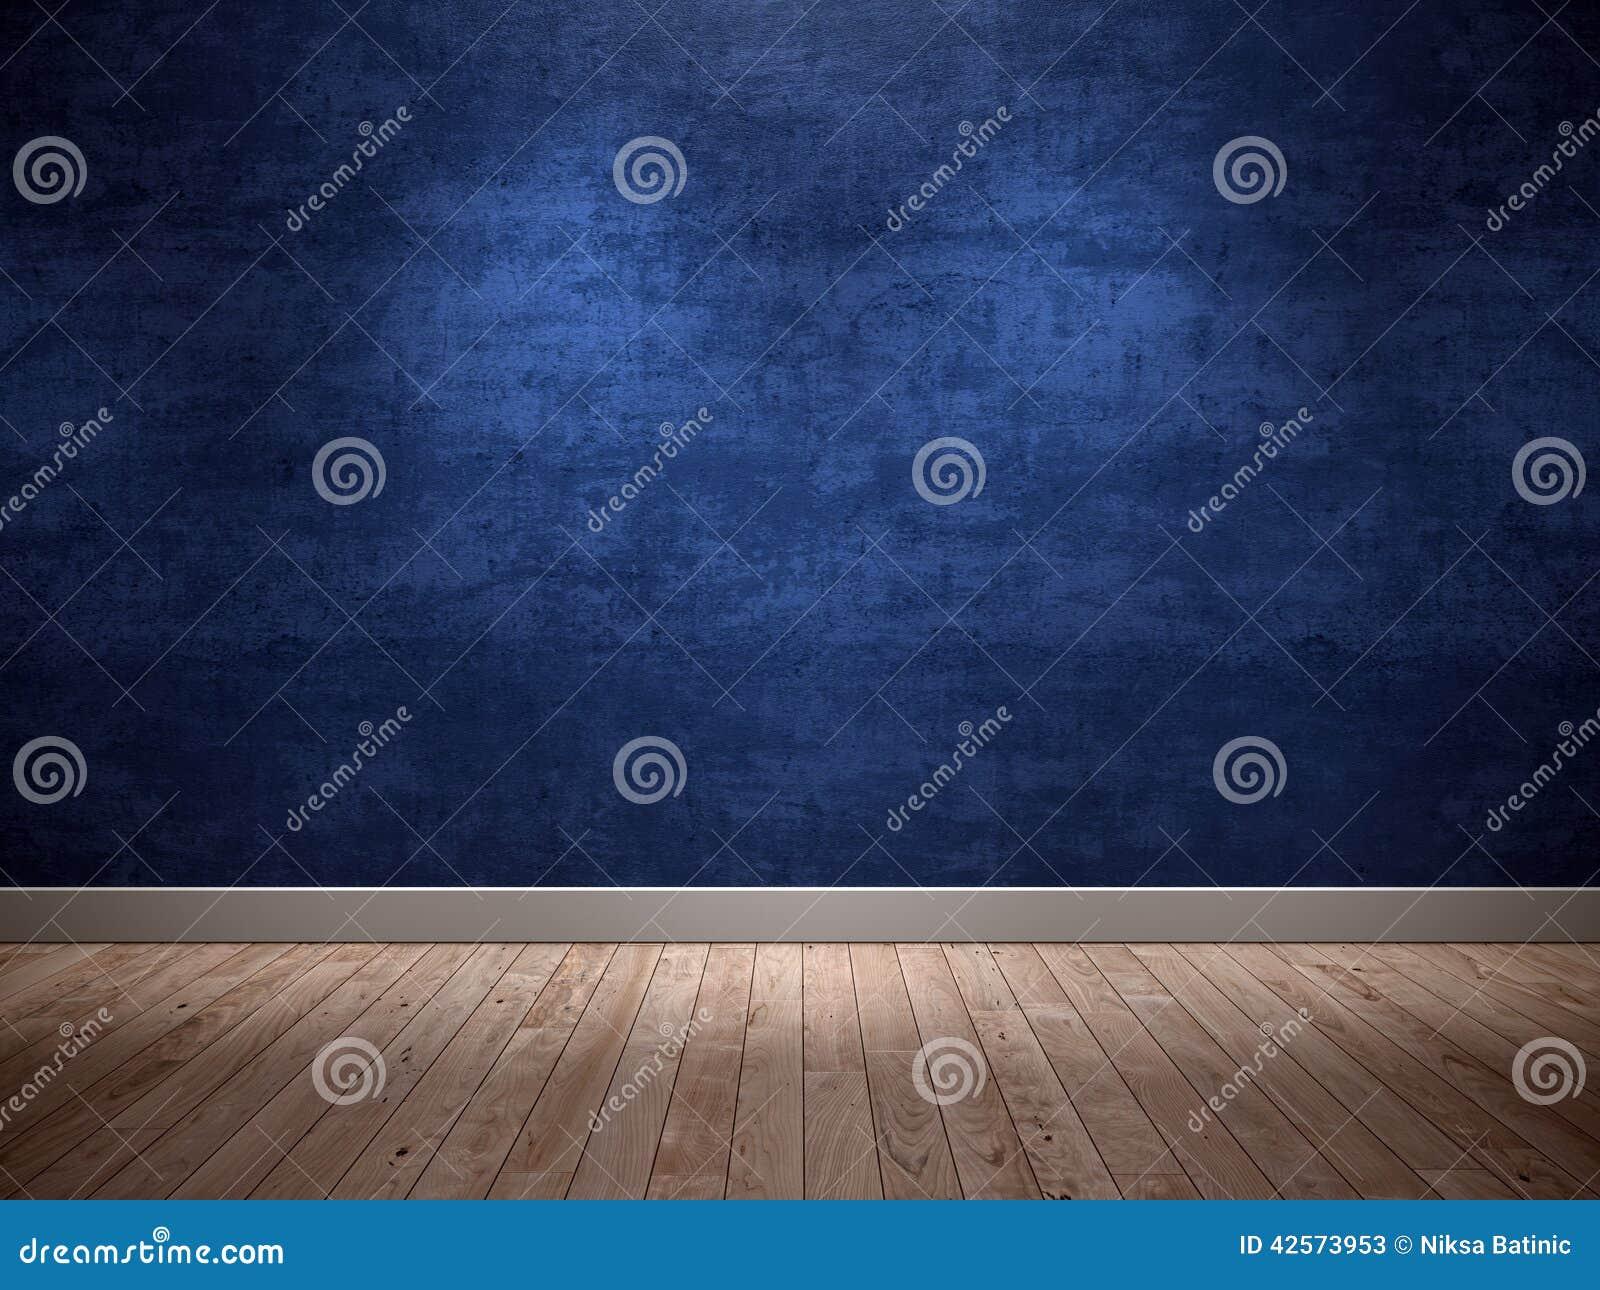 blaue hintergrund wand stockfoto - bild: 42573953 - Blaue Wand